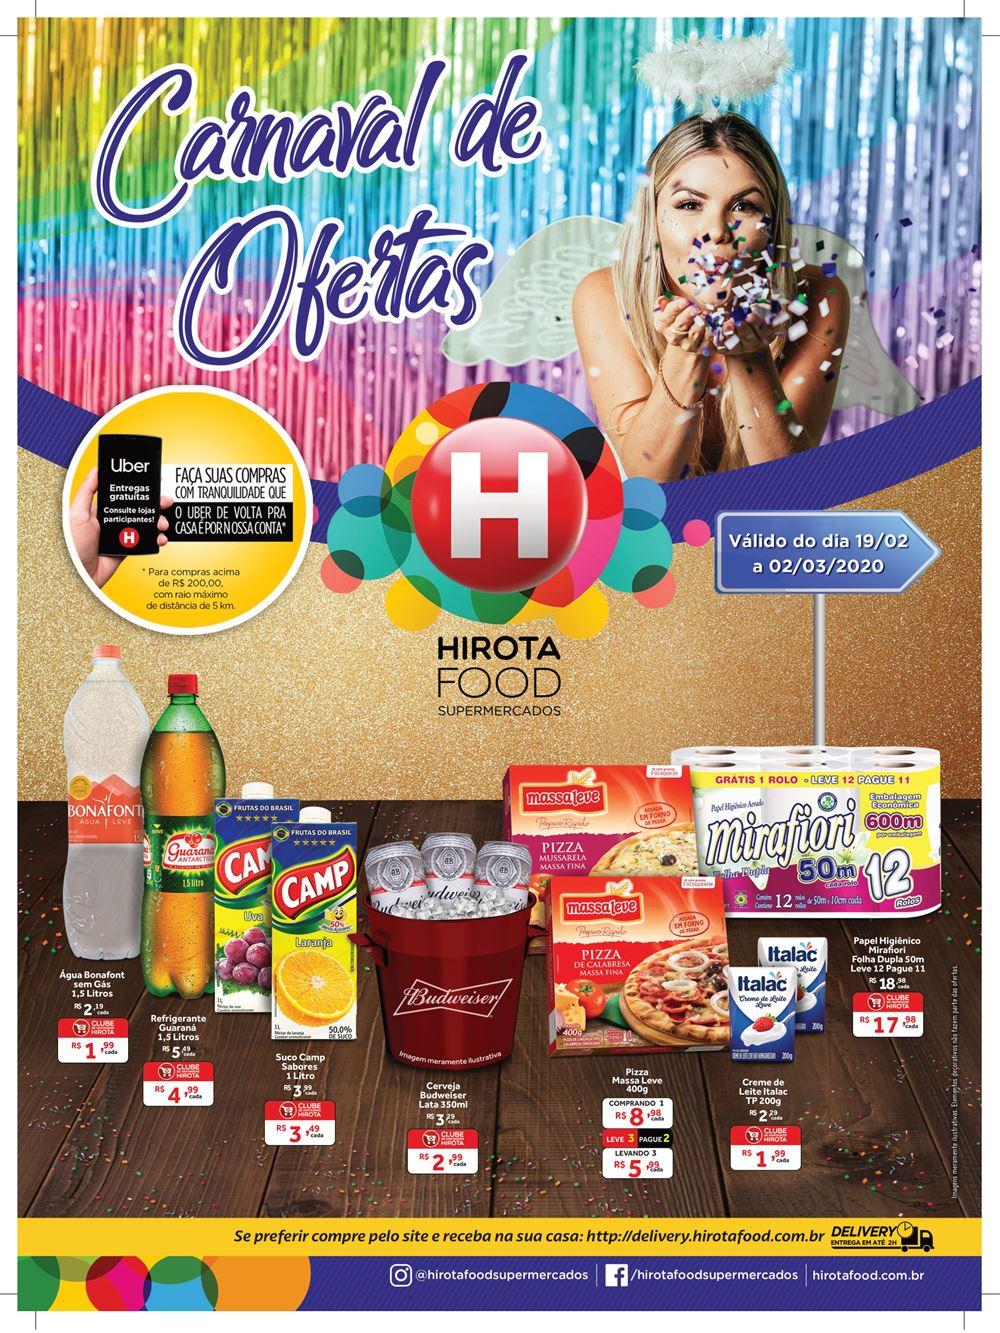 hirota-Ofertas-tabloide1-2 Ofertas de supermercados - Hoje